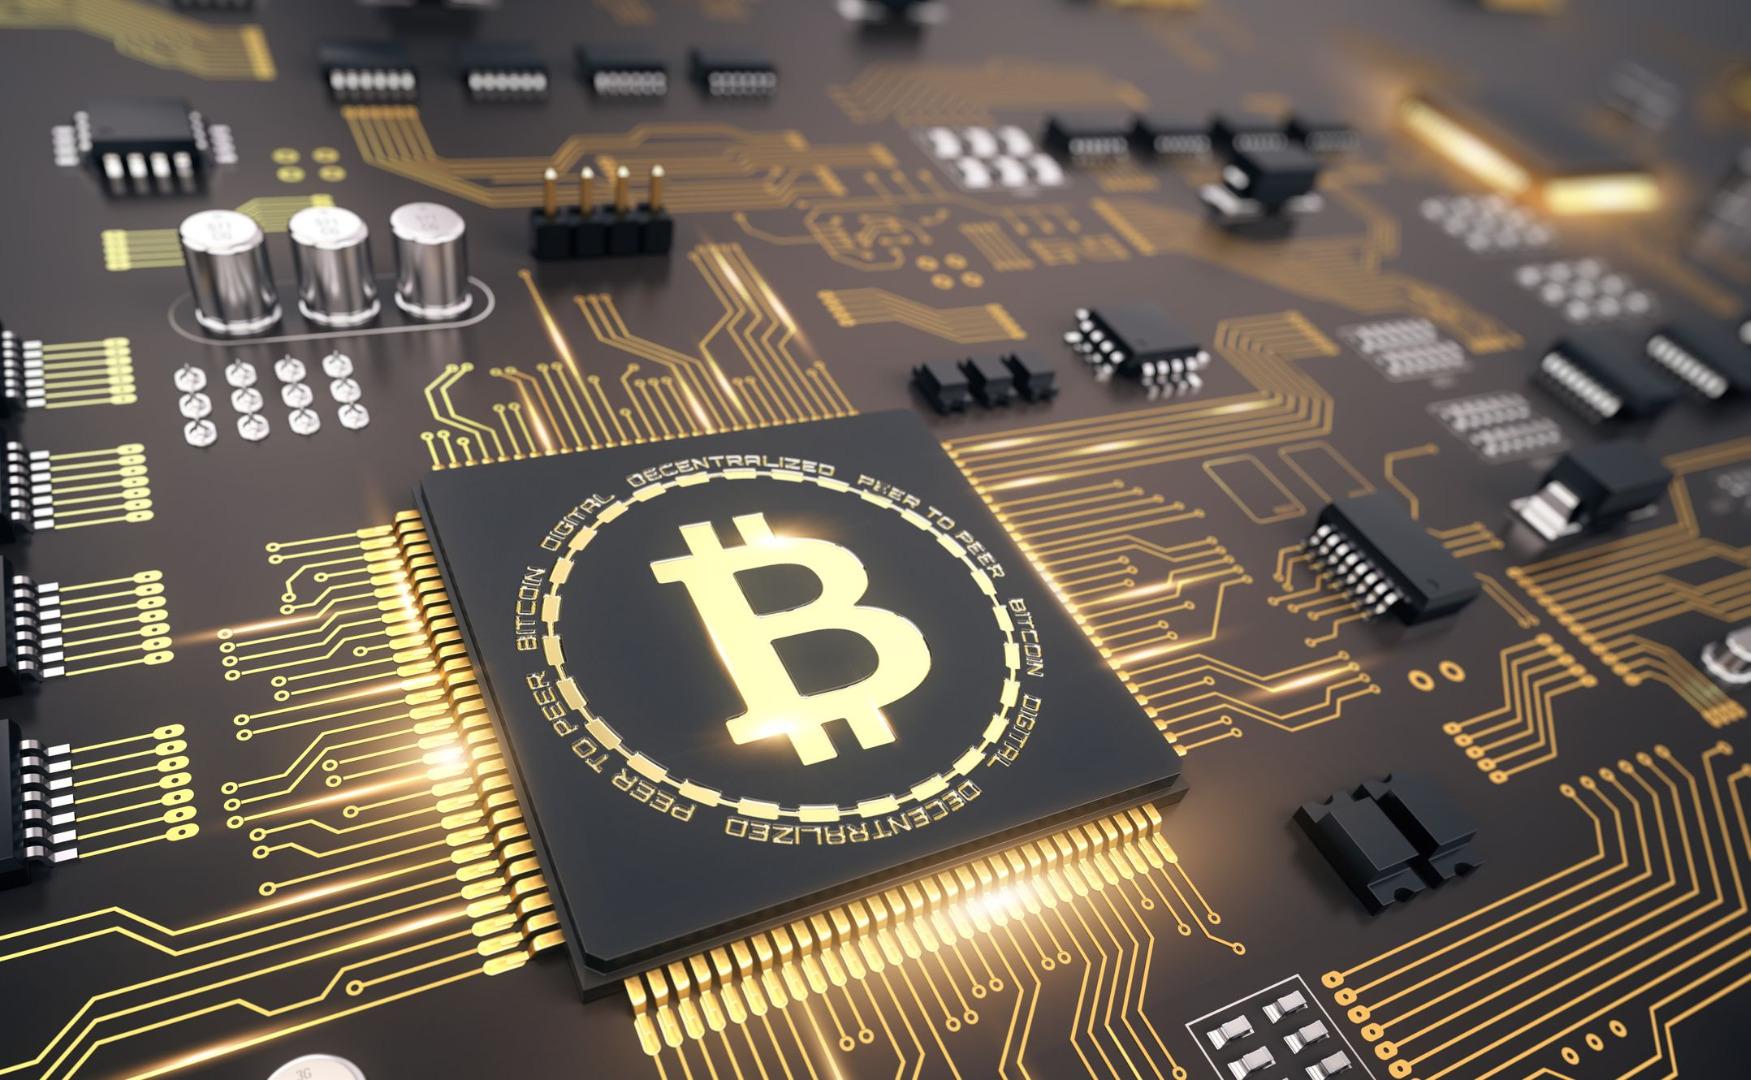 Udzialy w kopalni bitcoins unleash the dragon csgo betting